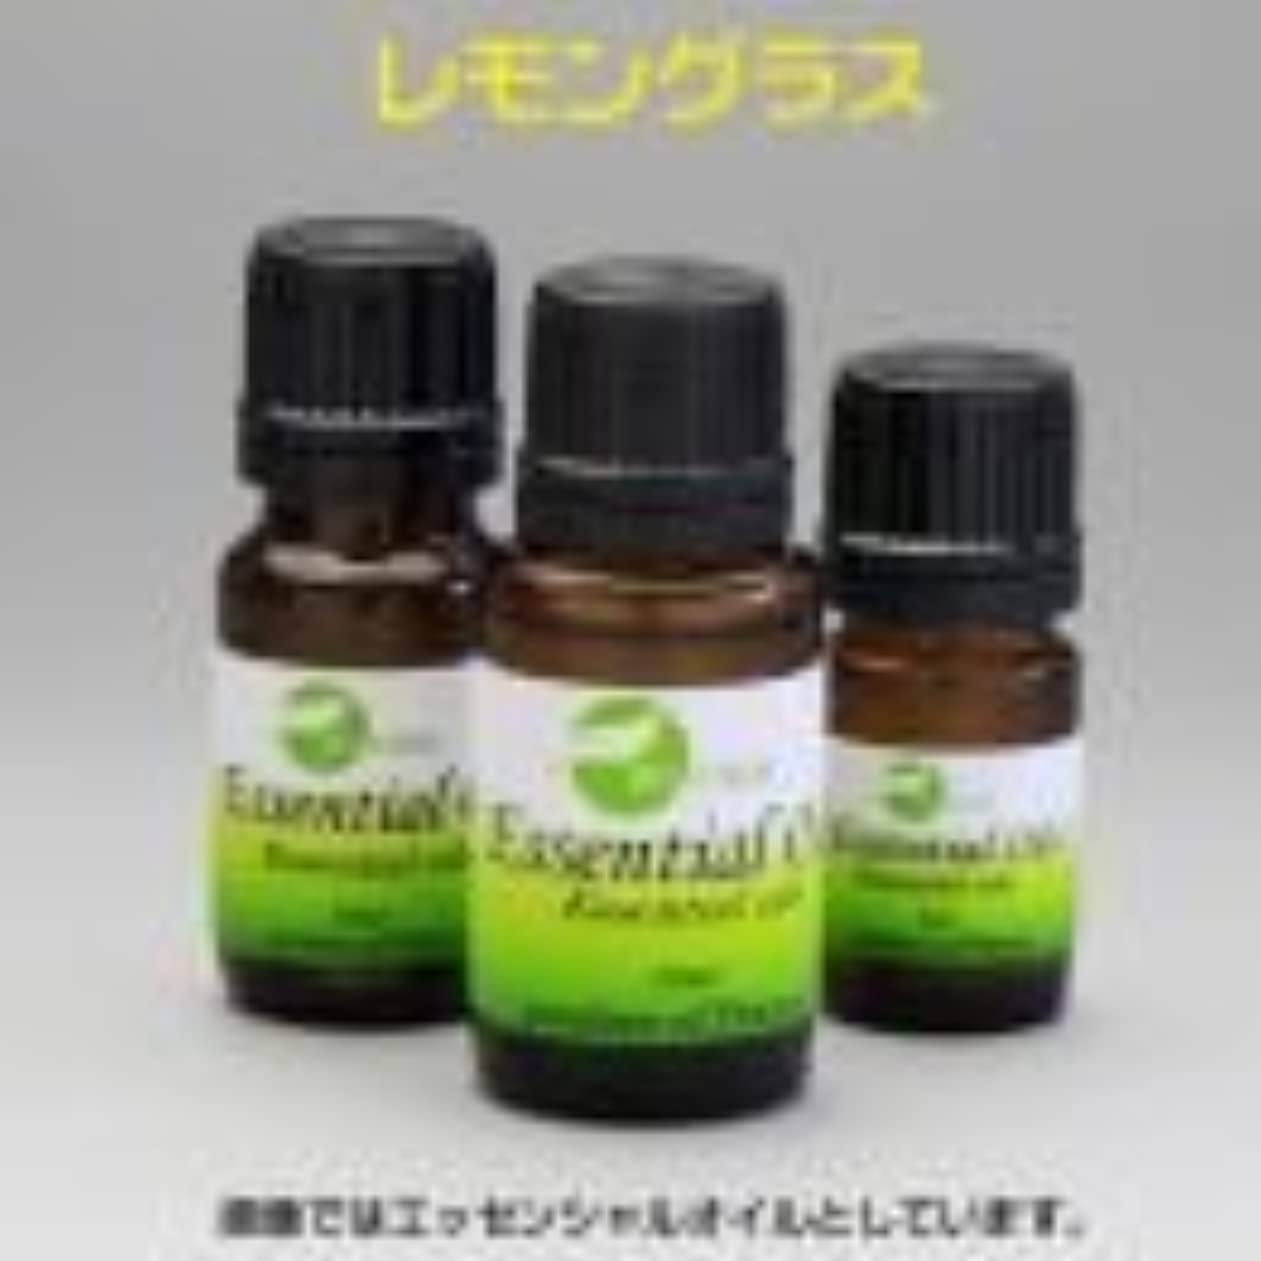 提案拮抗する踏み台[エッセンシャルオイル] 甘さを含んだレモンに似た香り レモングラス 15ml